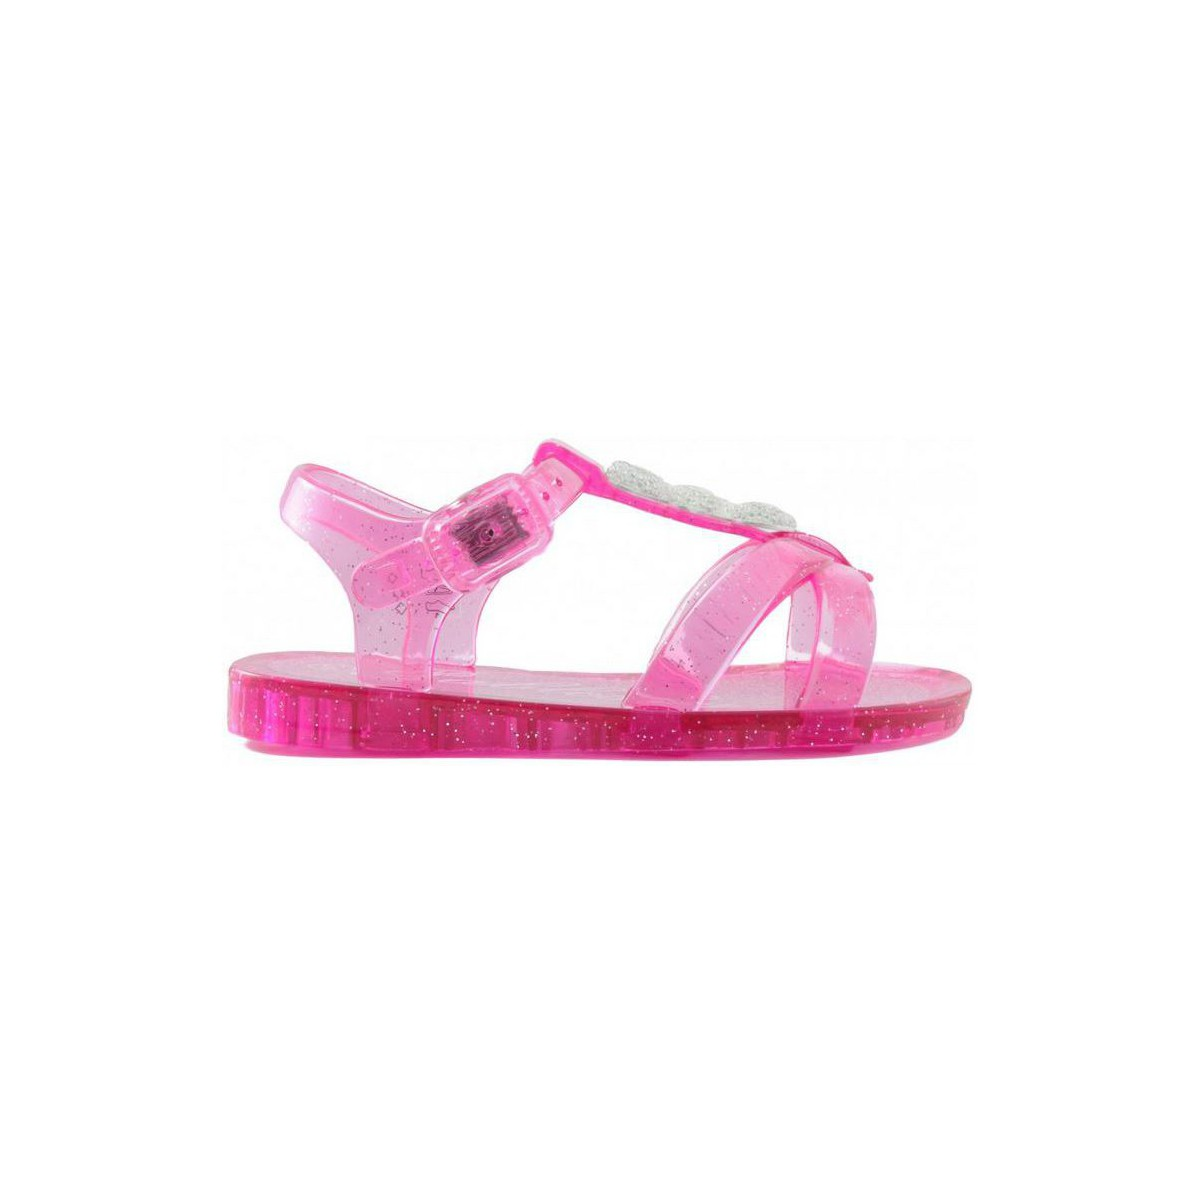 sandale pablosky chaussures de l 39 eau pour les enfants rose. Black Bedroom Furniture Sets. Home Design Ideas